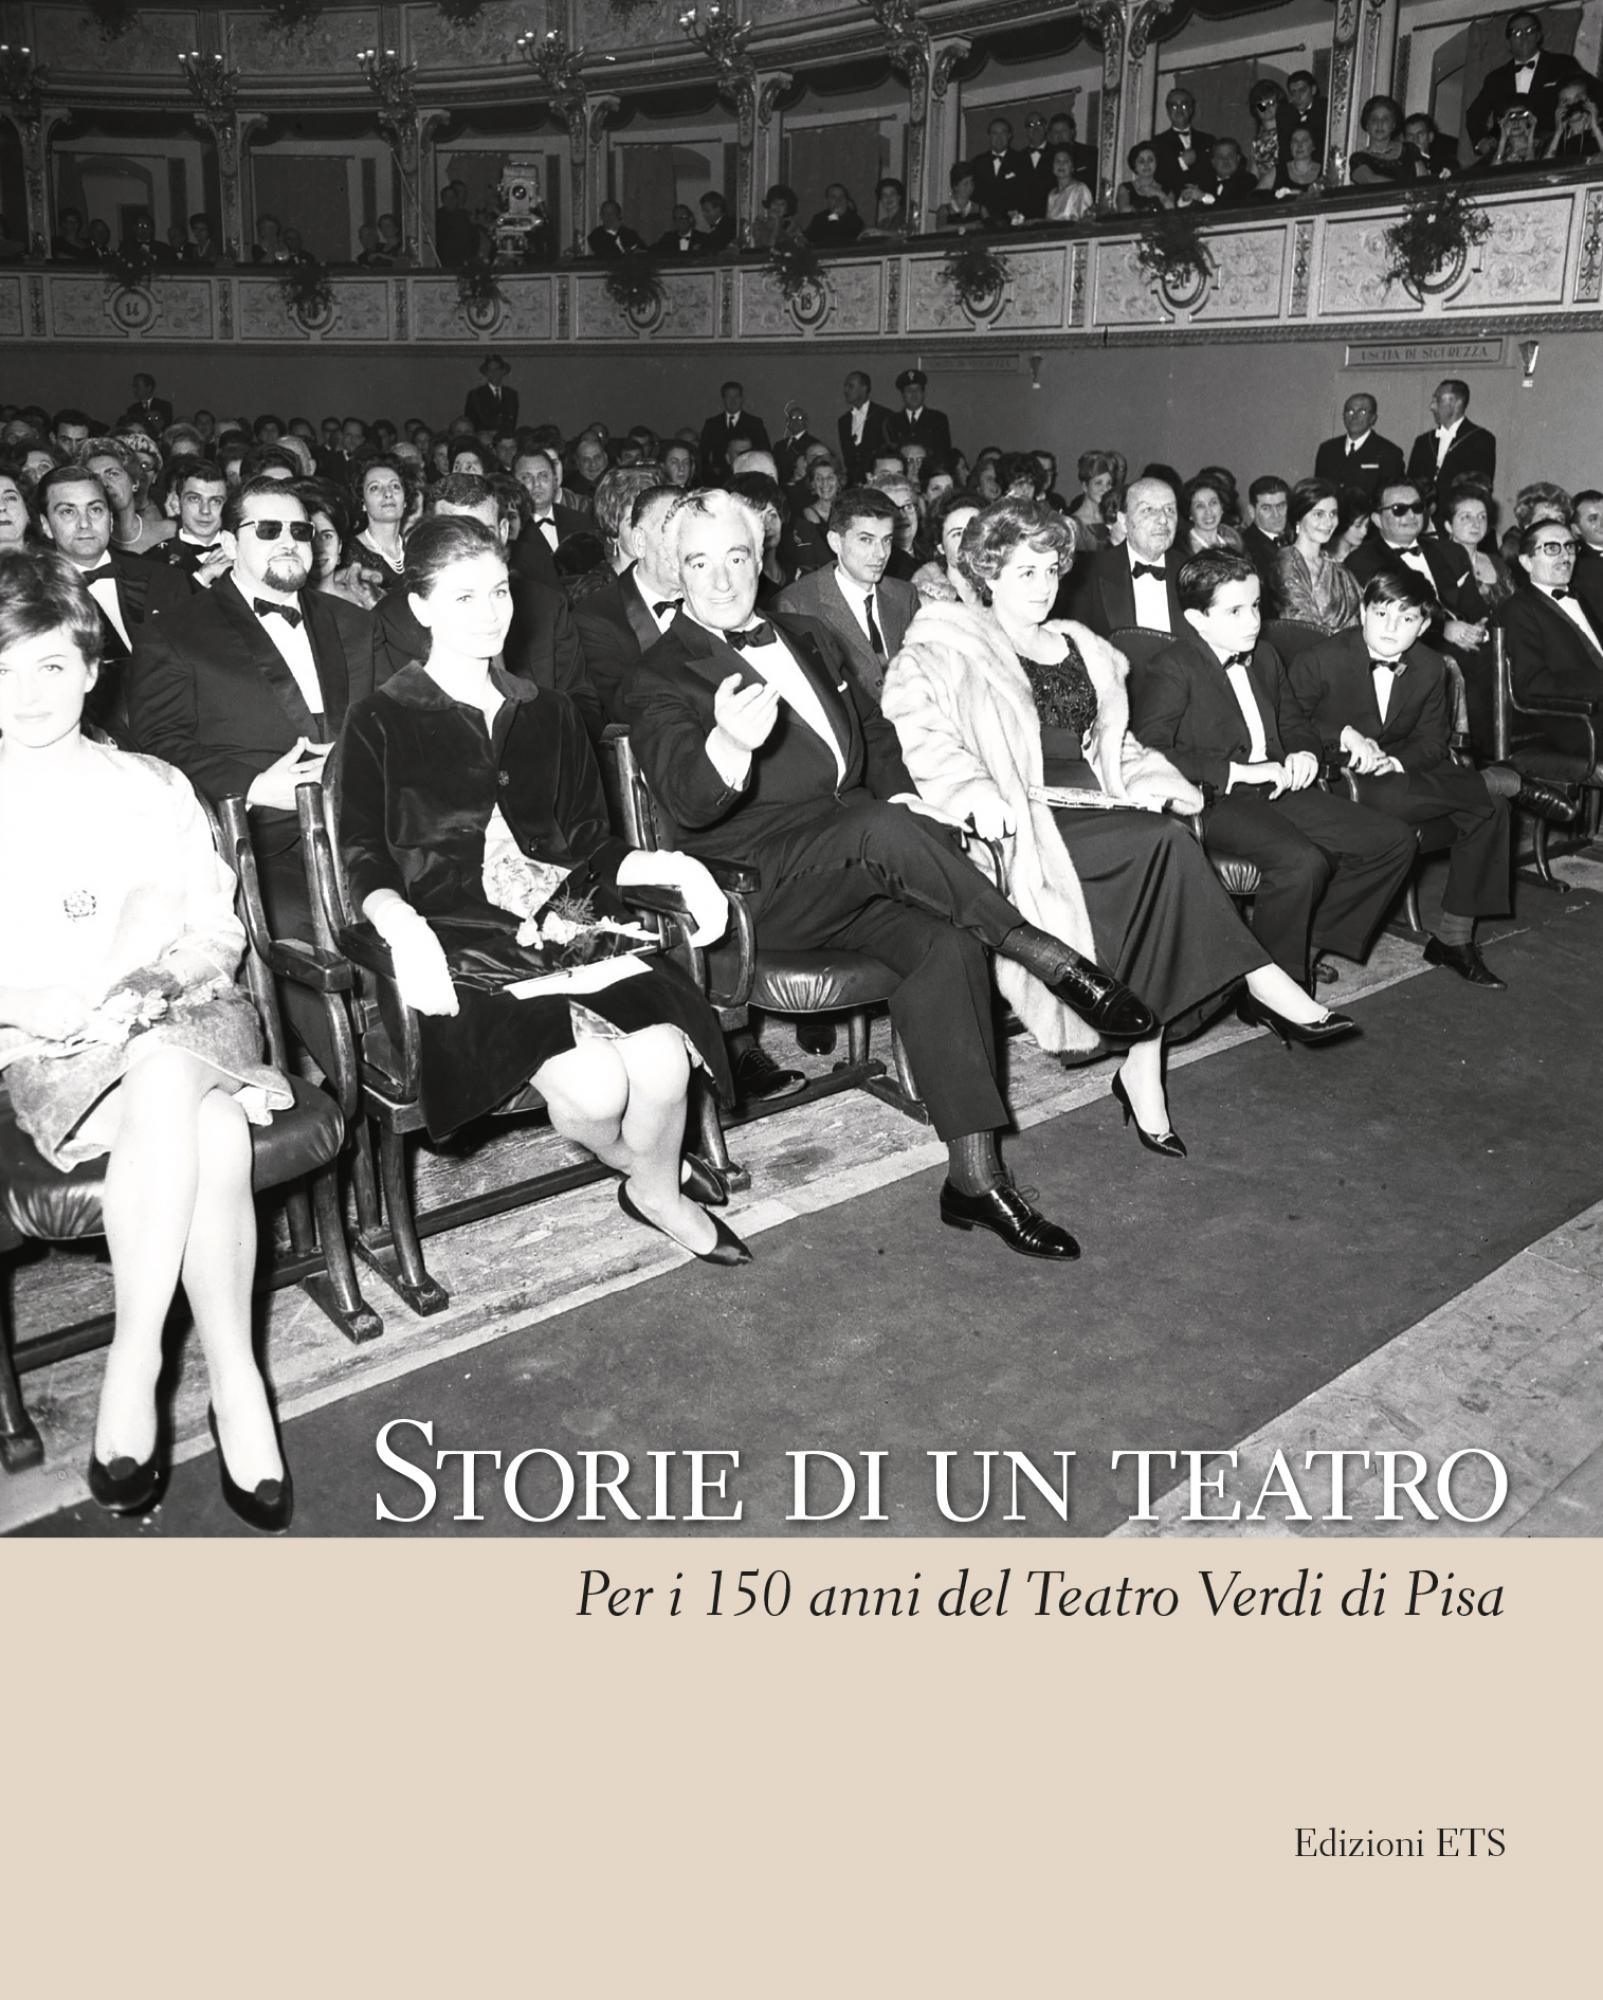 Storie di un teatro.Per i 150 anni del Teatro Verdi di Pisa